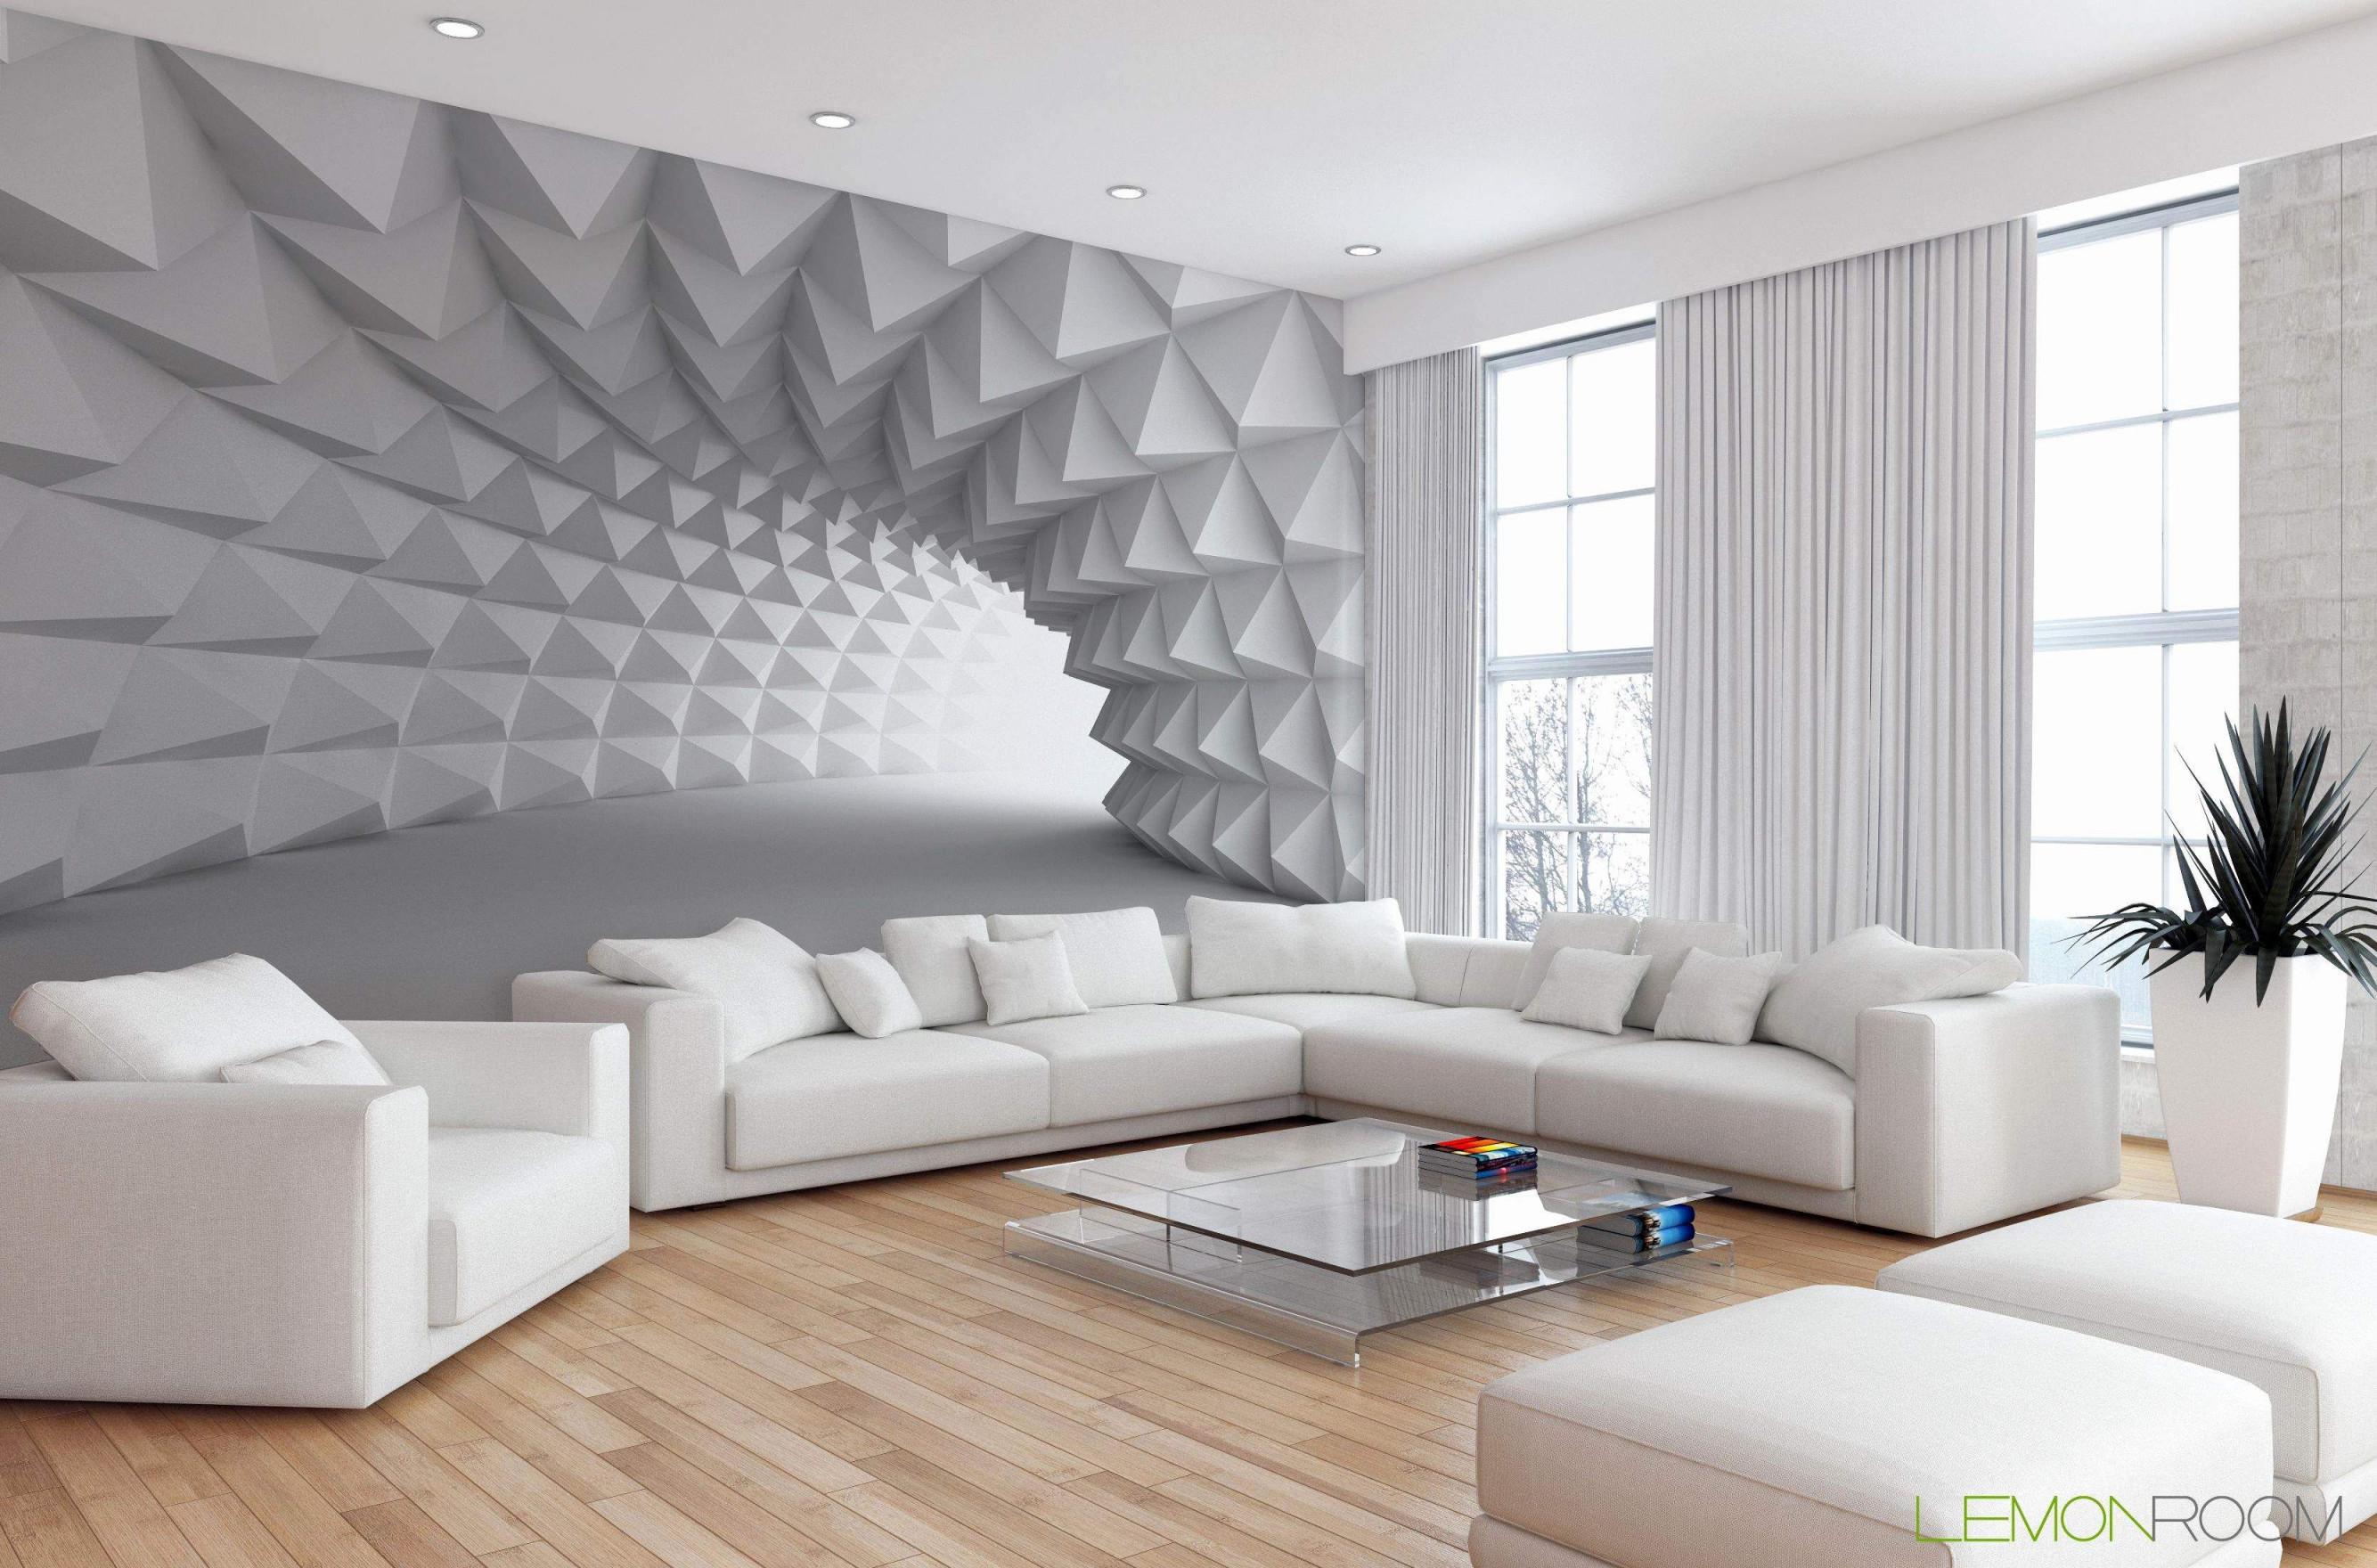 Moderne Wohnzimmer Tapeten Schön 31 Inspirierend Moderne von Moderne Wohnzimmer Tapeten Photo